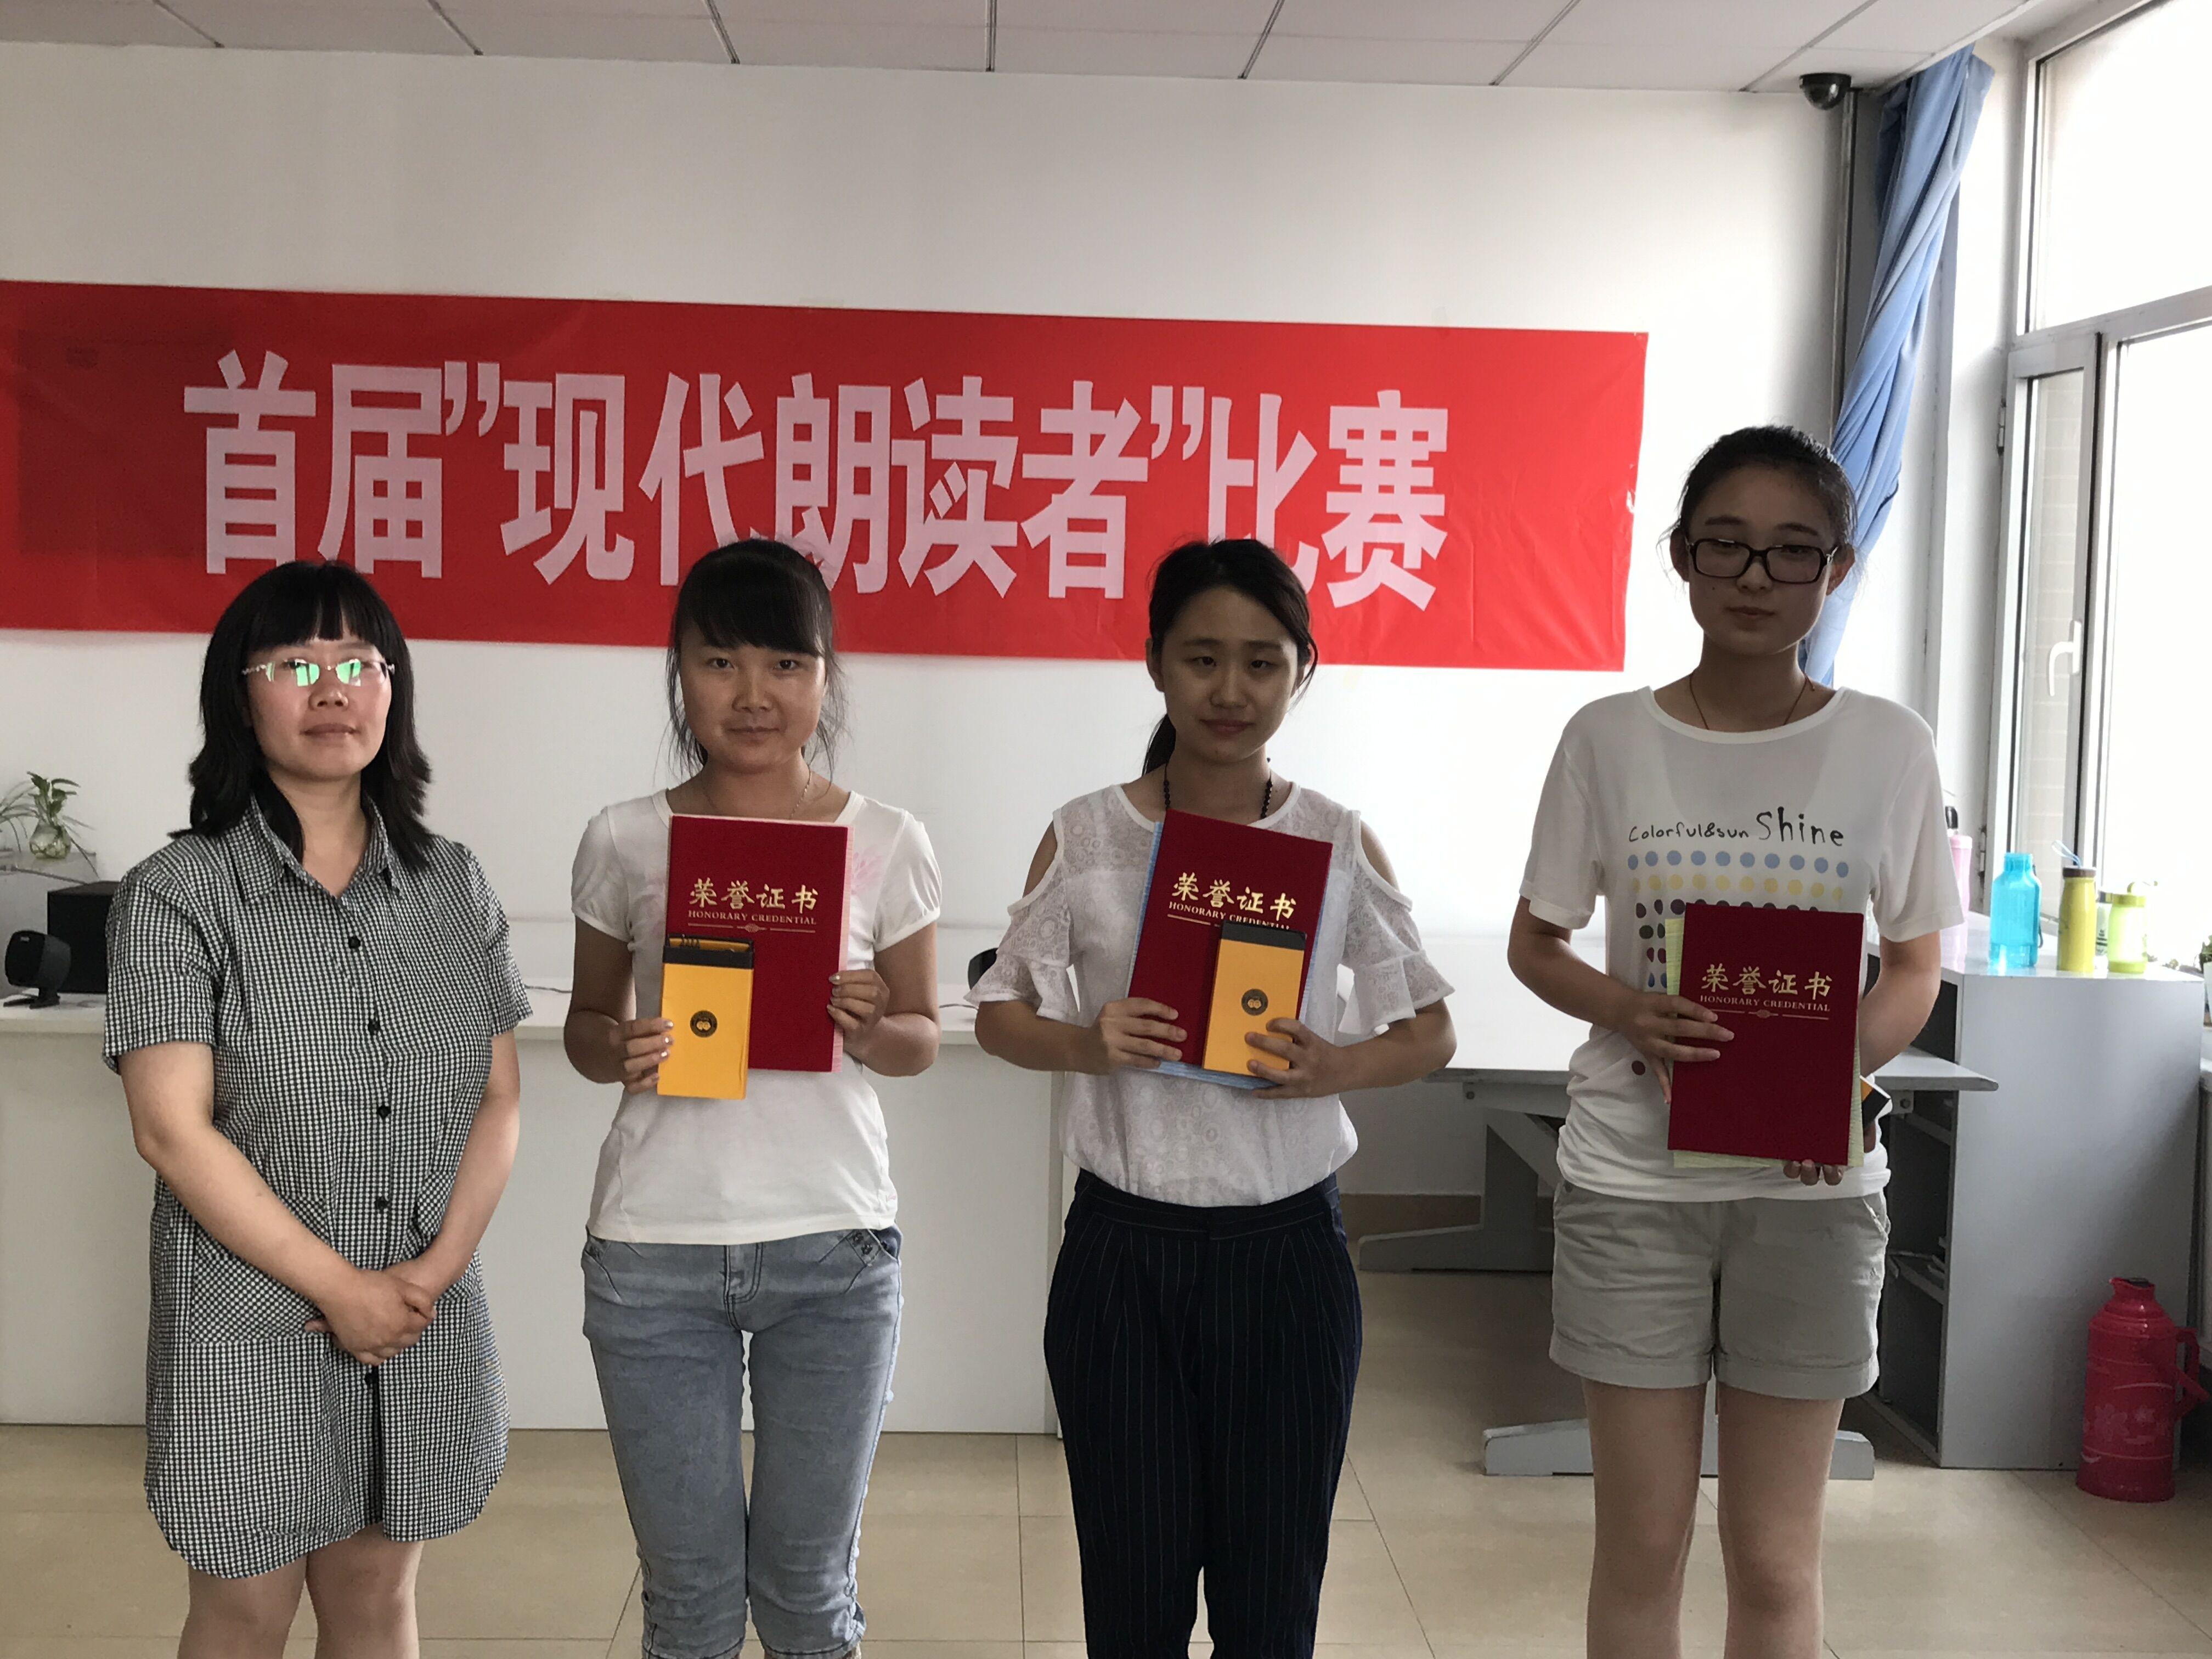 图书资料中心杨妮老师为第三名李灵,李湘林和王清玥进行颁奖图片